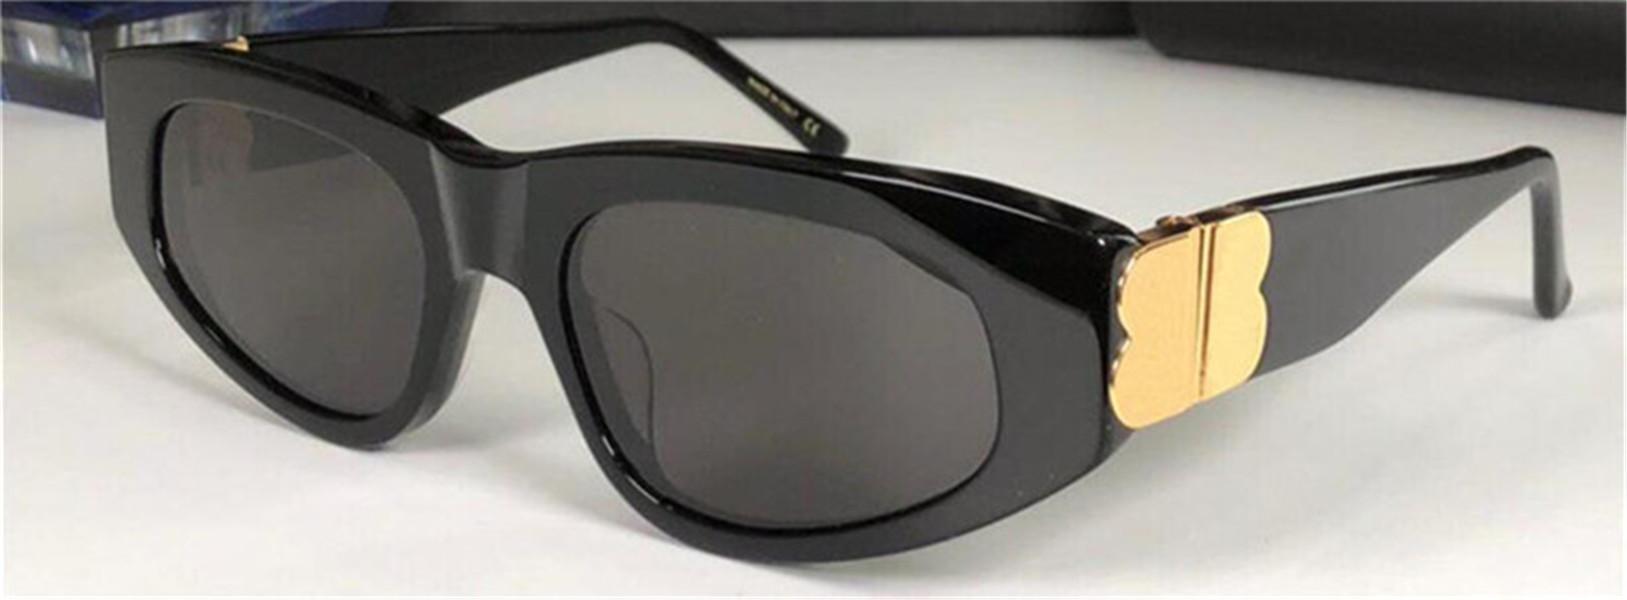 الرجال النظارات الشمسية تصميم الأزياء النظارات 0095 القط العين الإطار نمط أعلى جودة uv400 نظارات واقية مع حالة سوداء